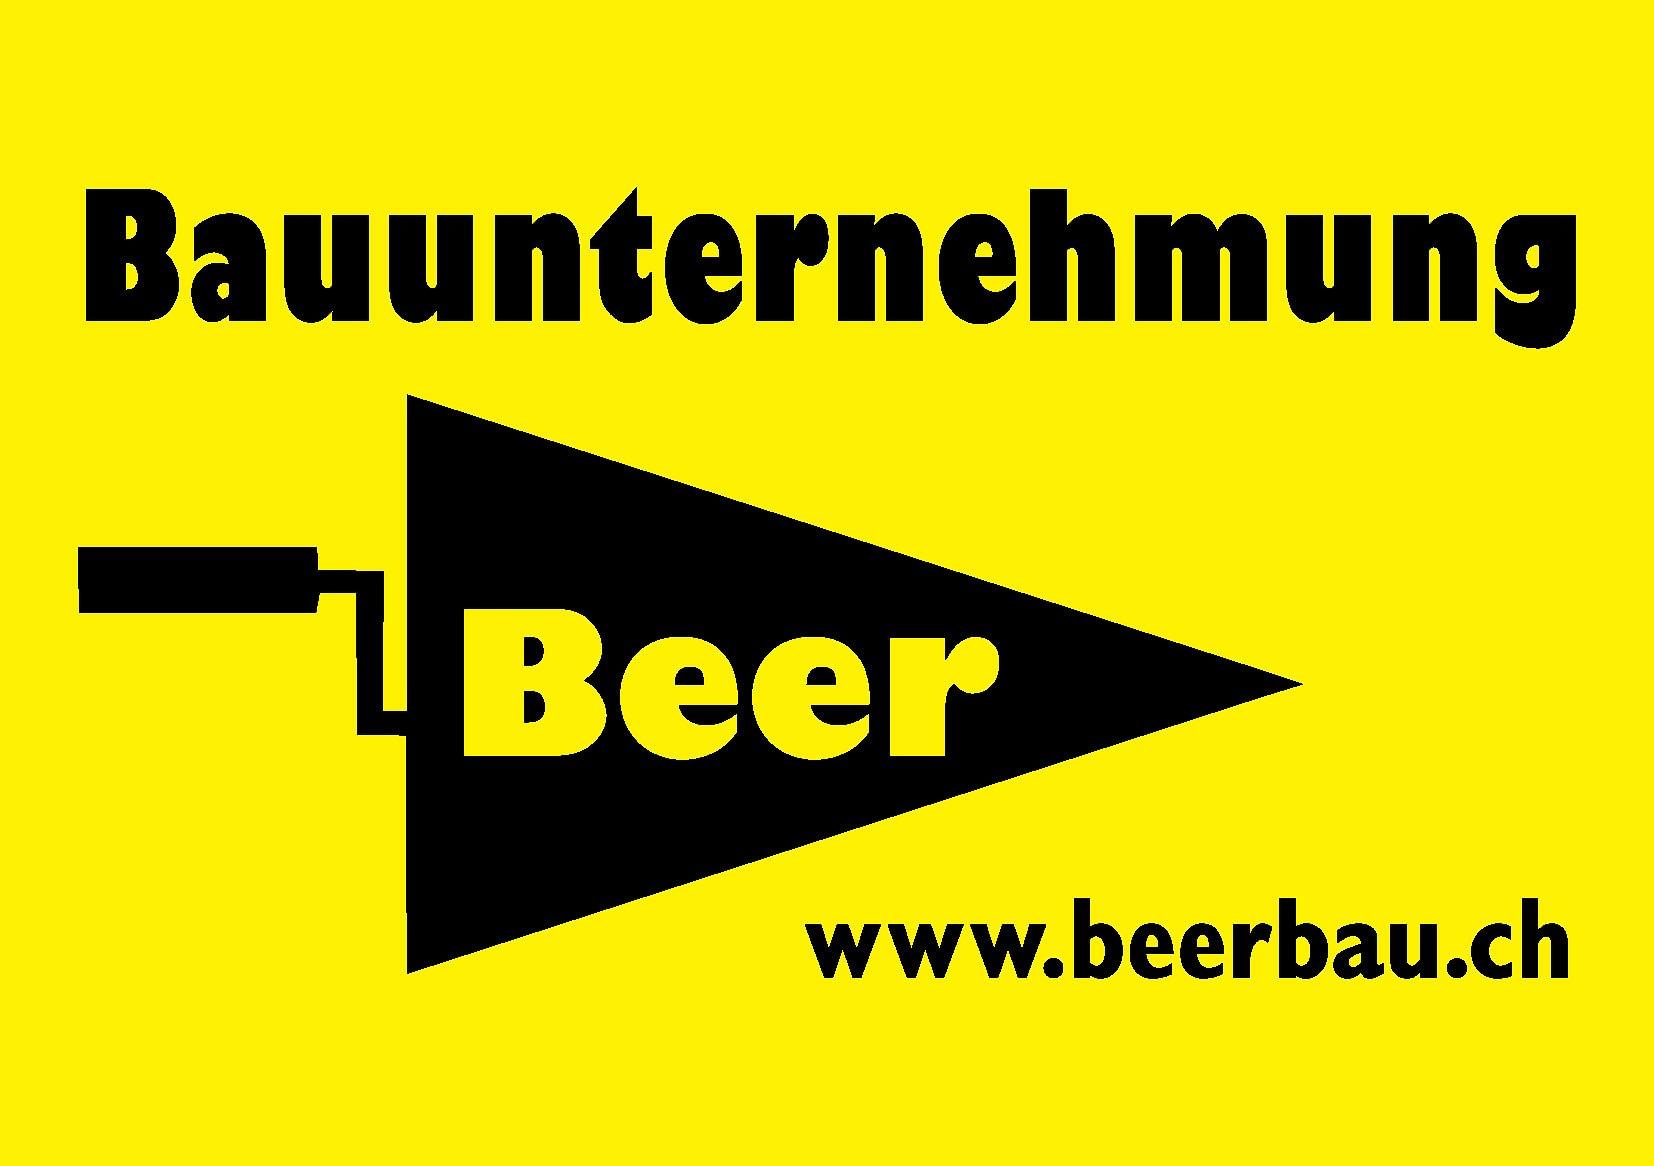 Beer AG Bauunternehmung